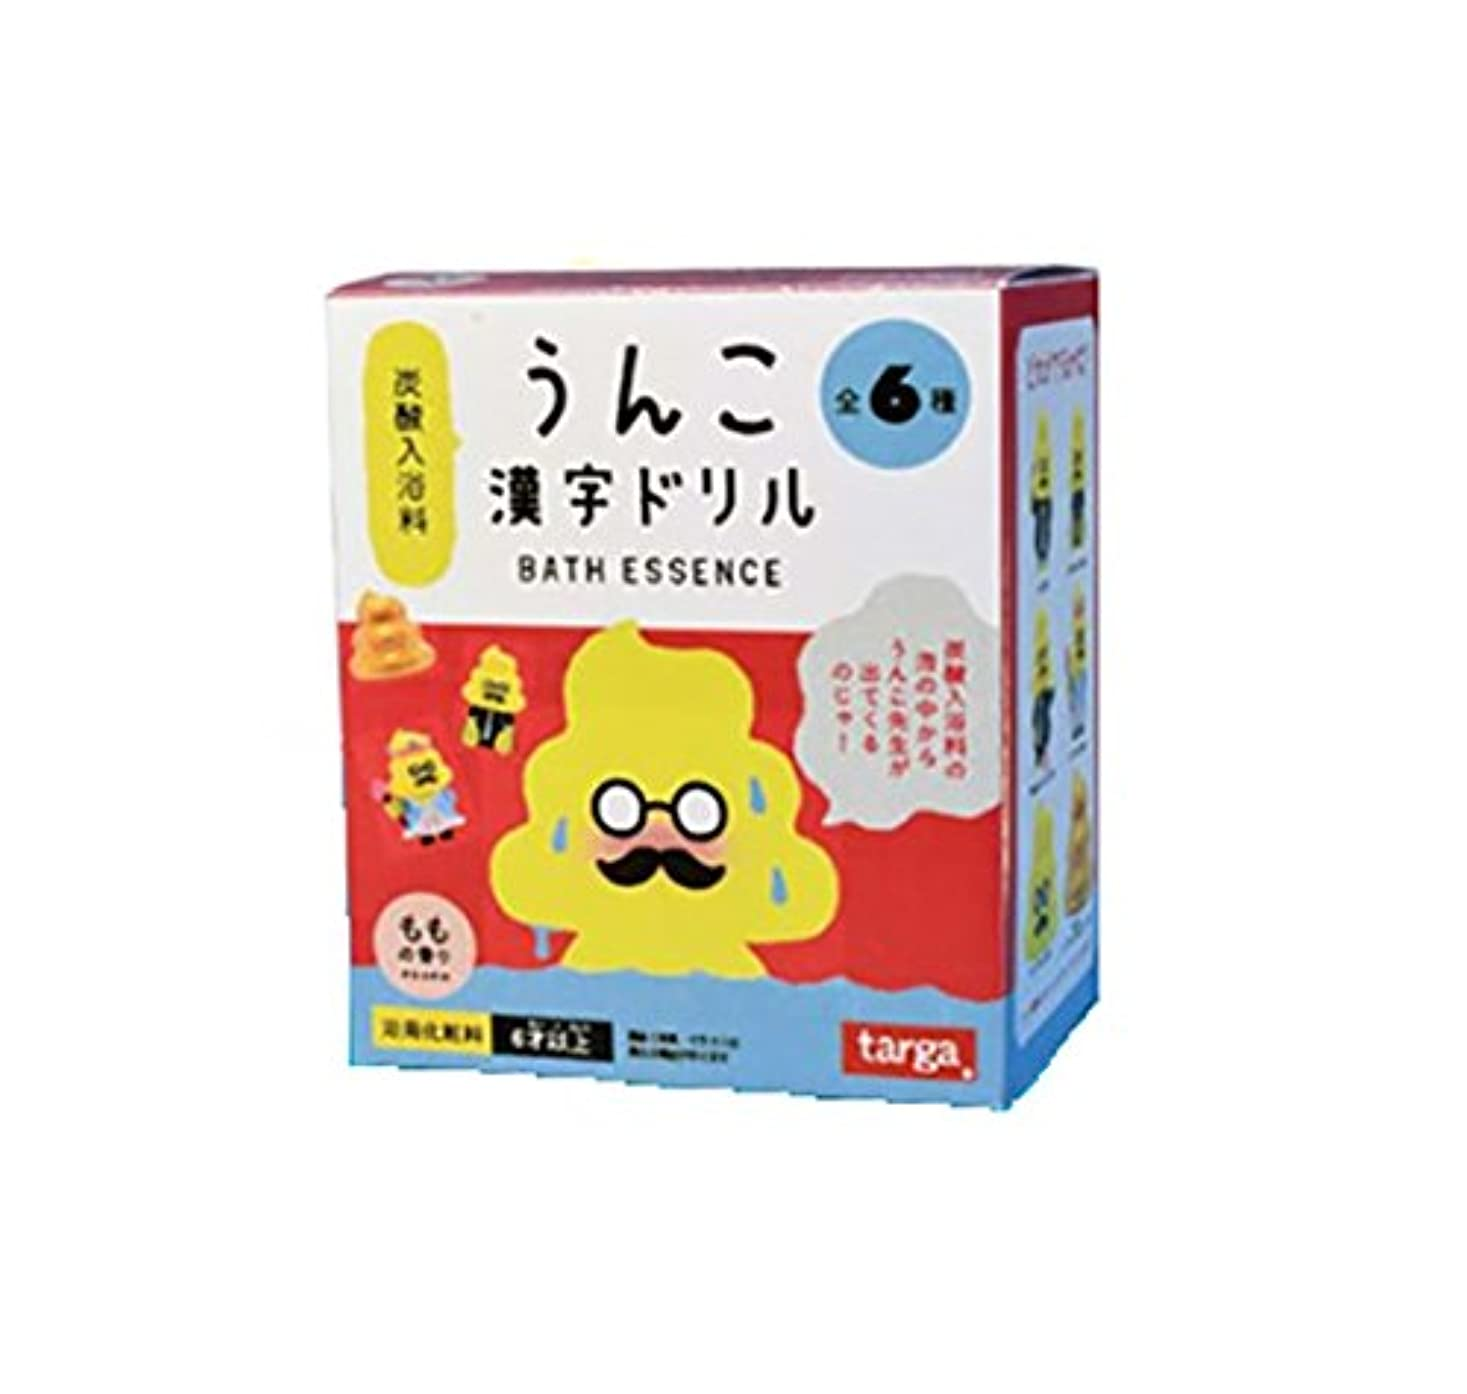 鰐専ら閉じ込めるうんこ漢字ドリル 炭酸入浴料 BOX